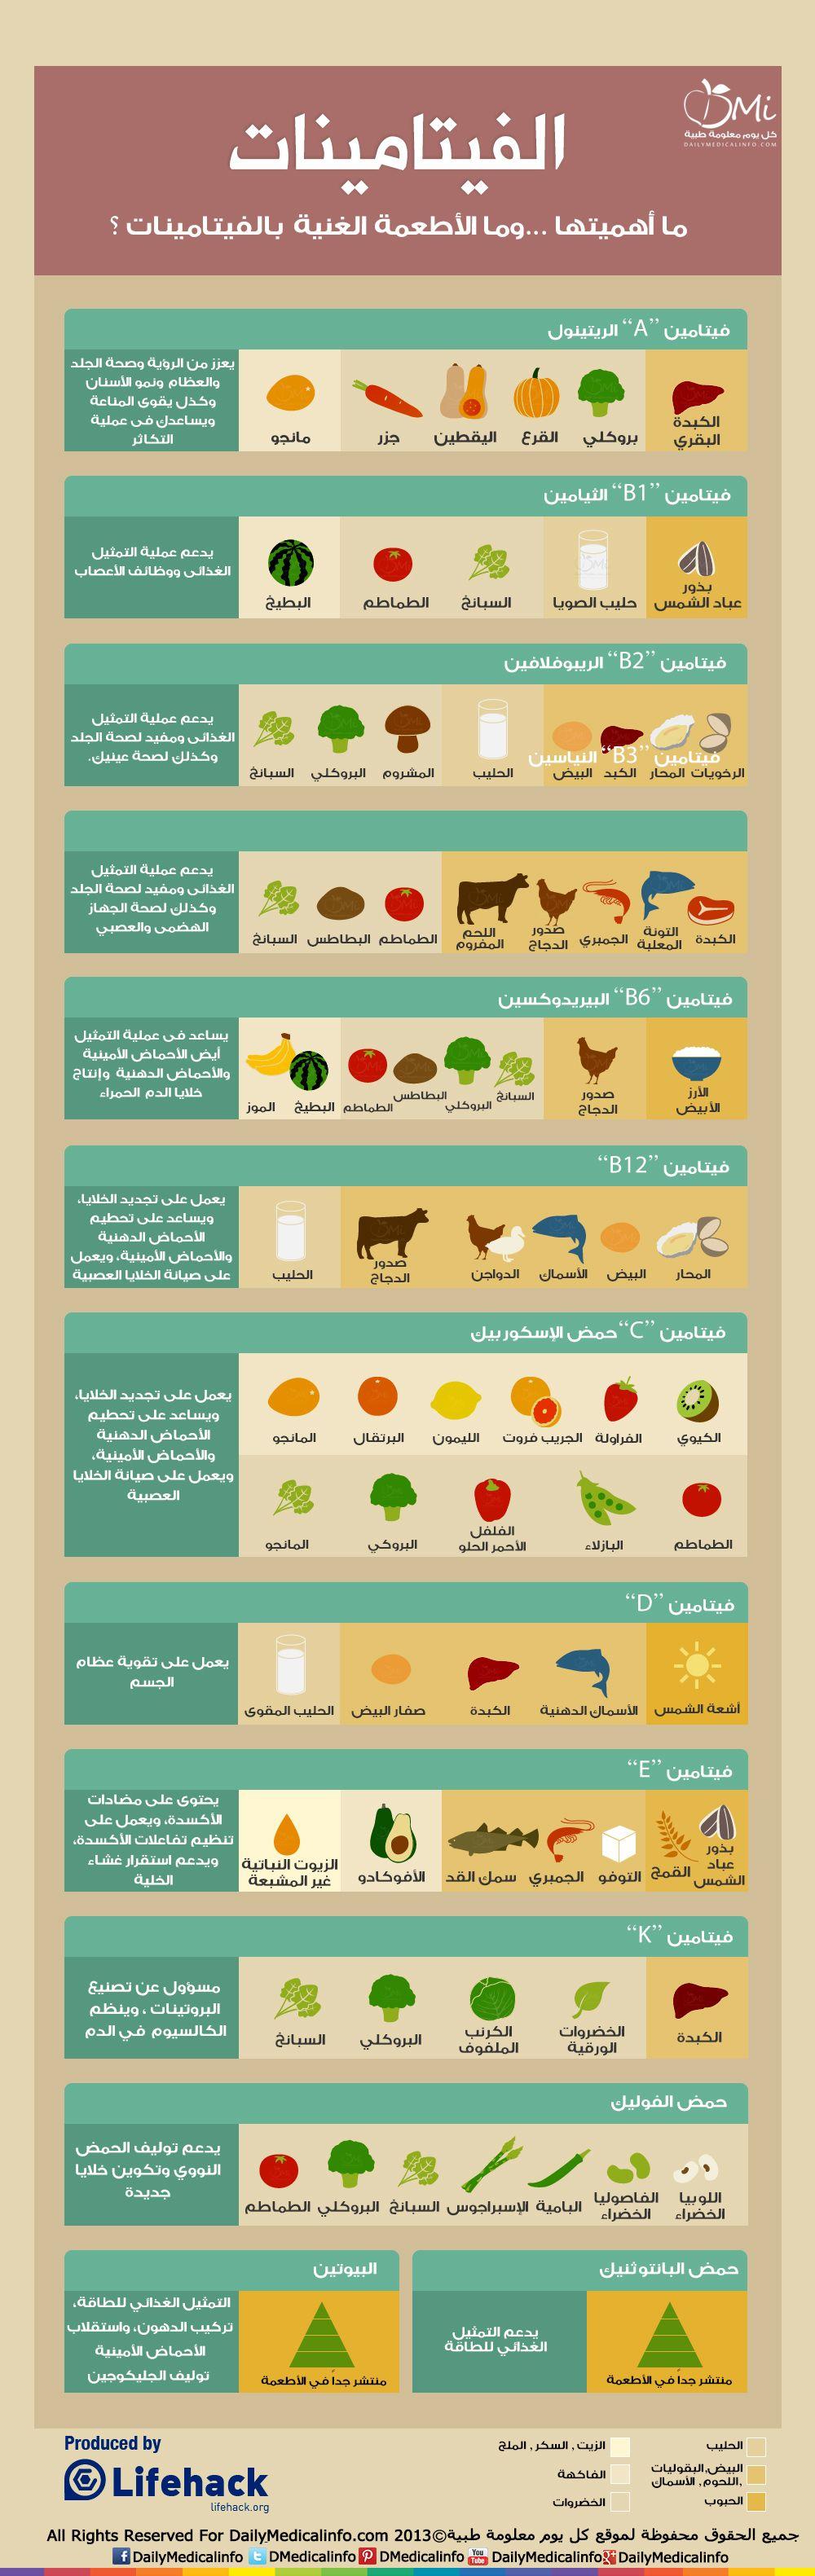 انفوجرافيك الفيتامينات أهميتها وما الأطعمة الغنية بها انفوجرافيك طبية كل يوم معل Health Fitness Nutrition Health And Nutrition Fitness Nutrition